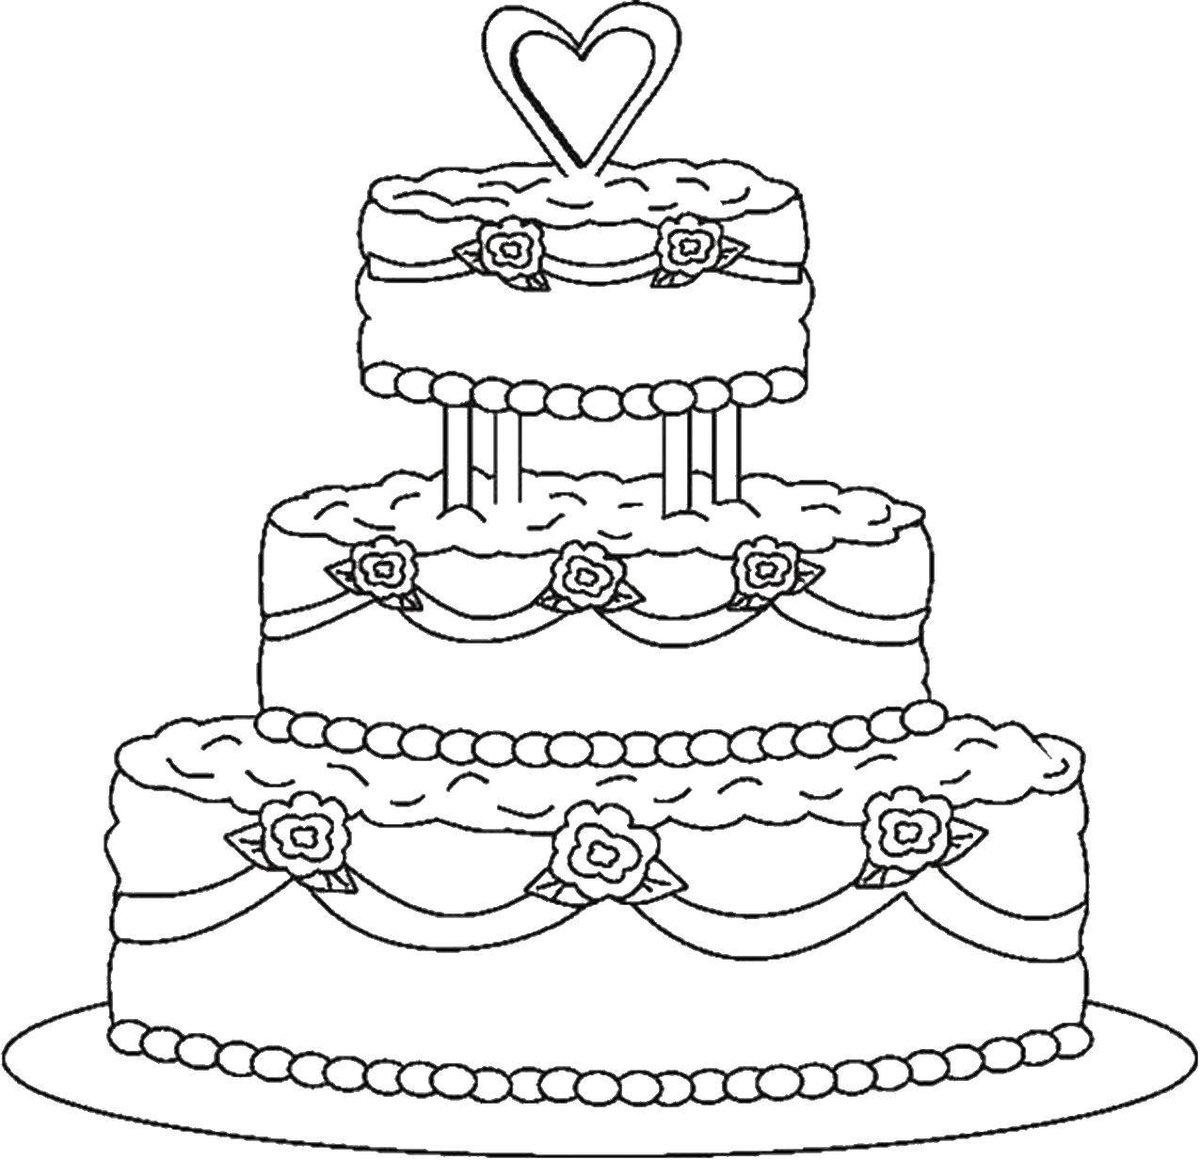 Нарисовать открытку с днем рождения для девочек